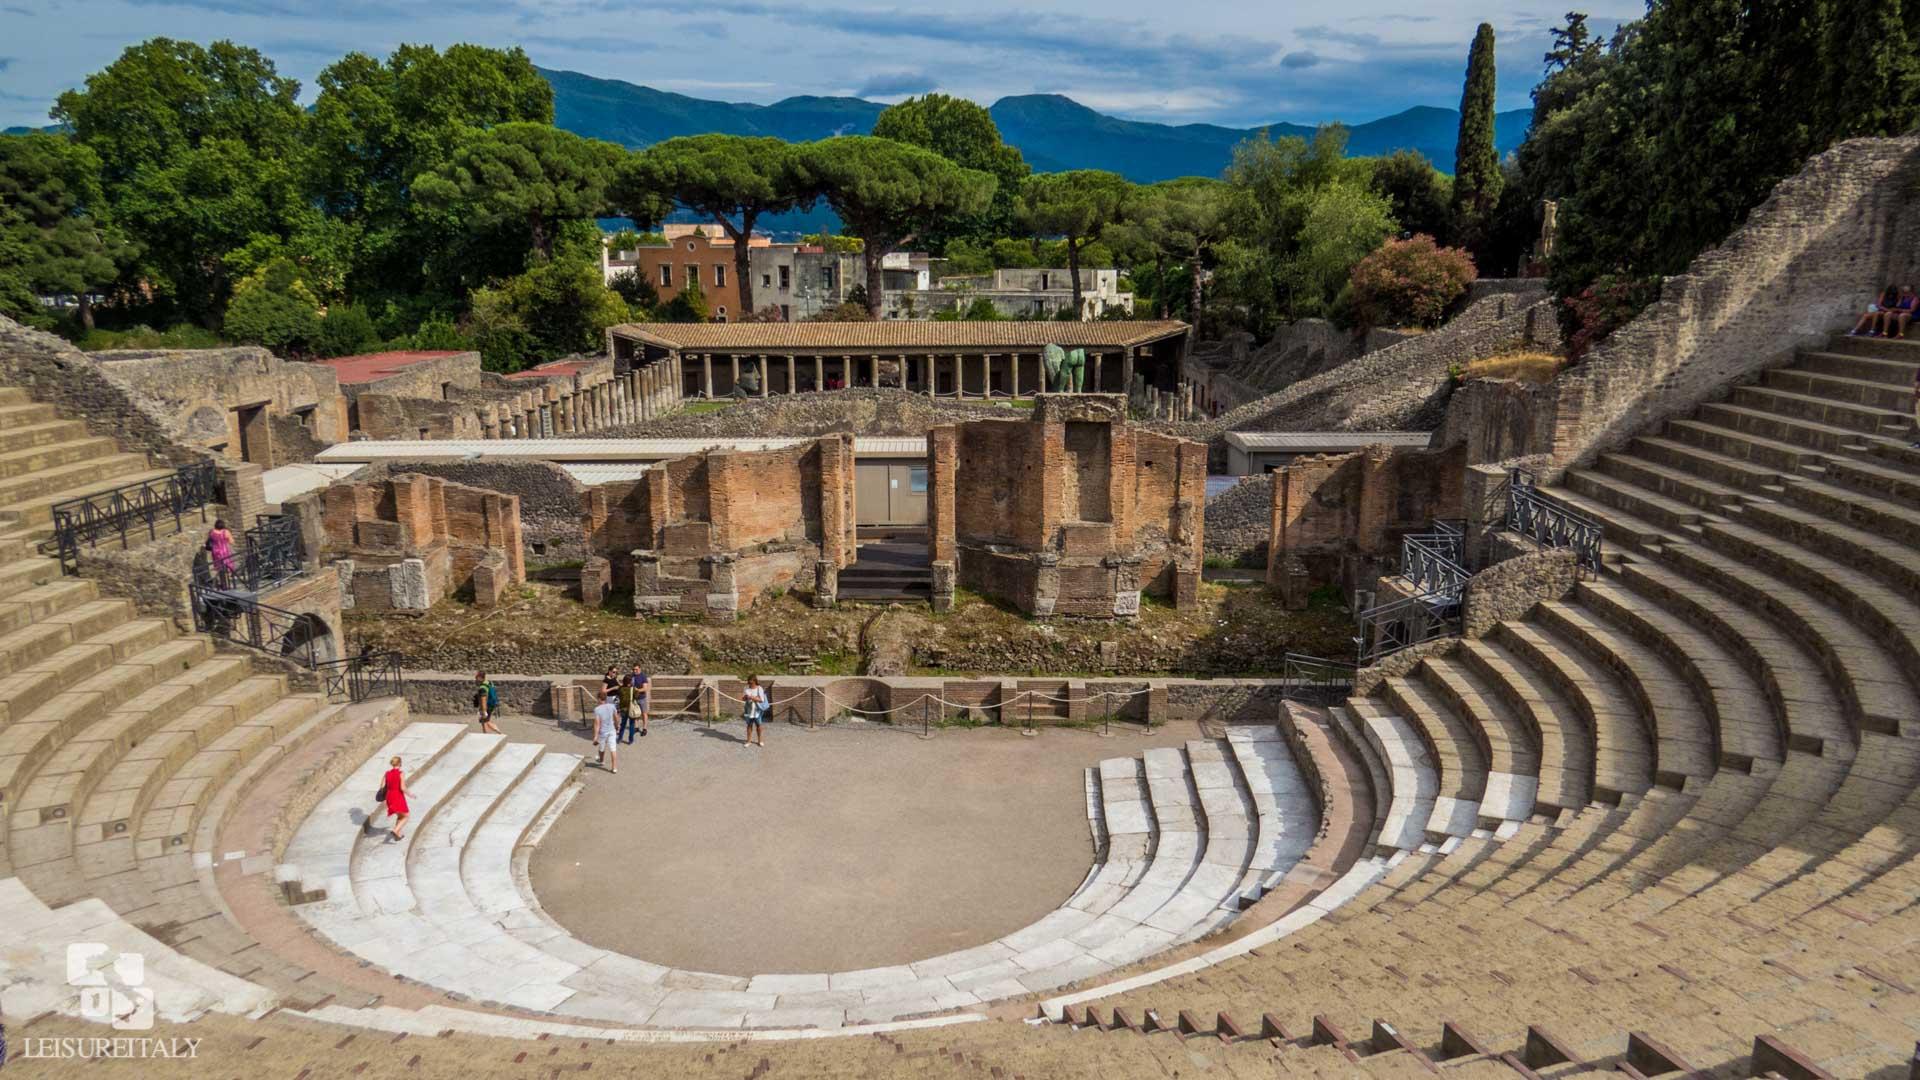 Pompeii or Herculaneum - The Grand theater of Pompeii